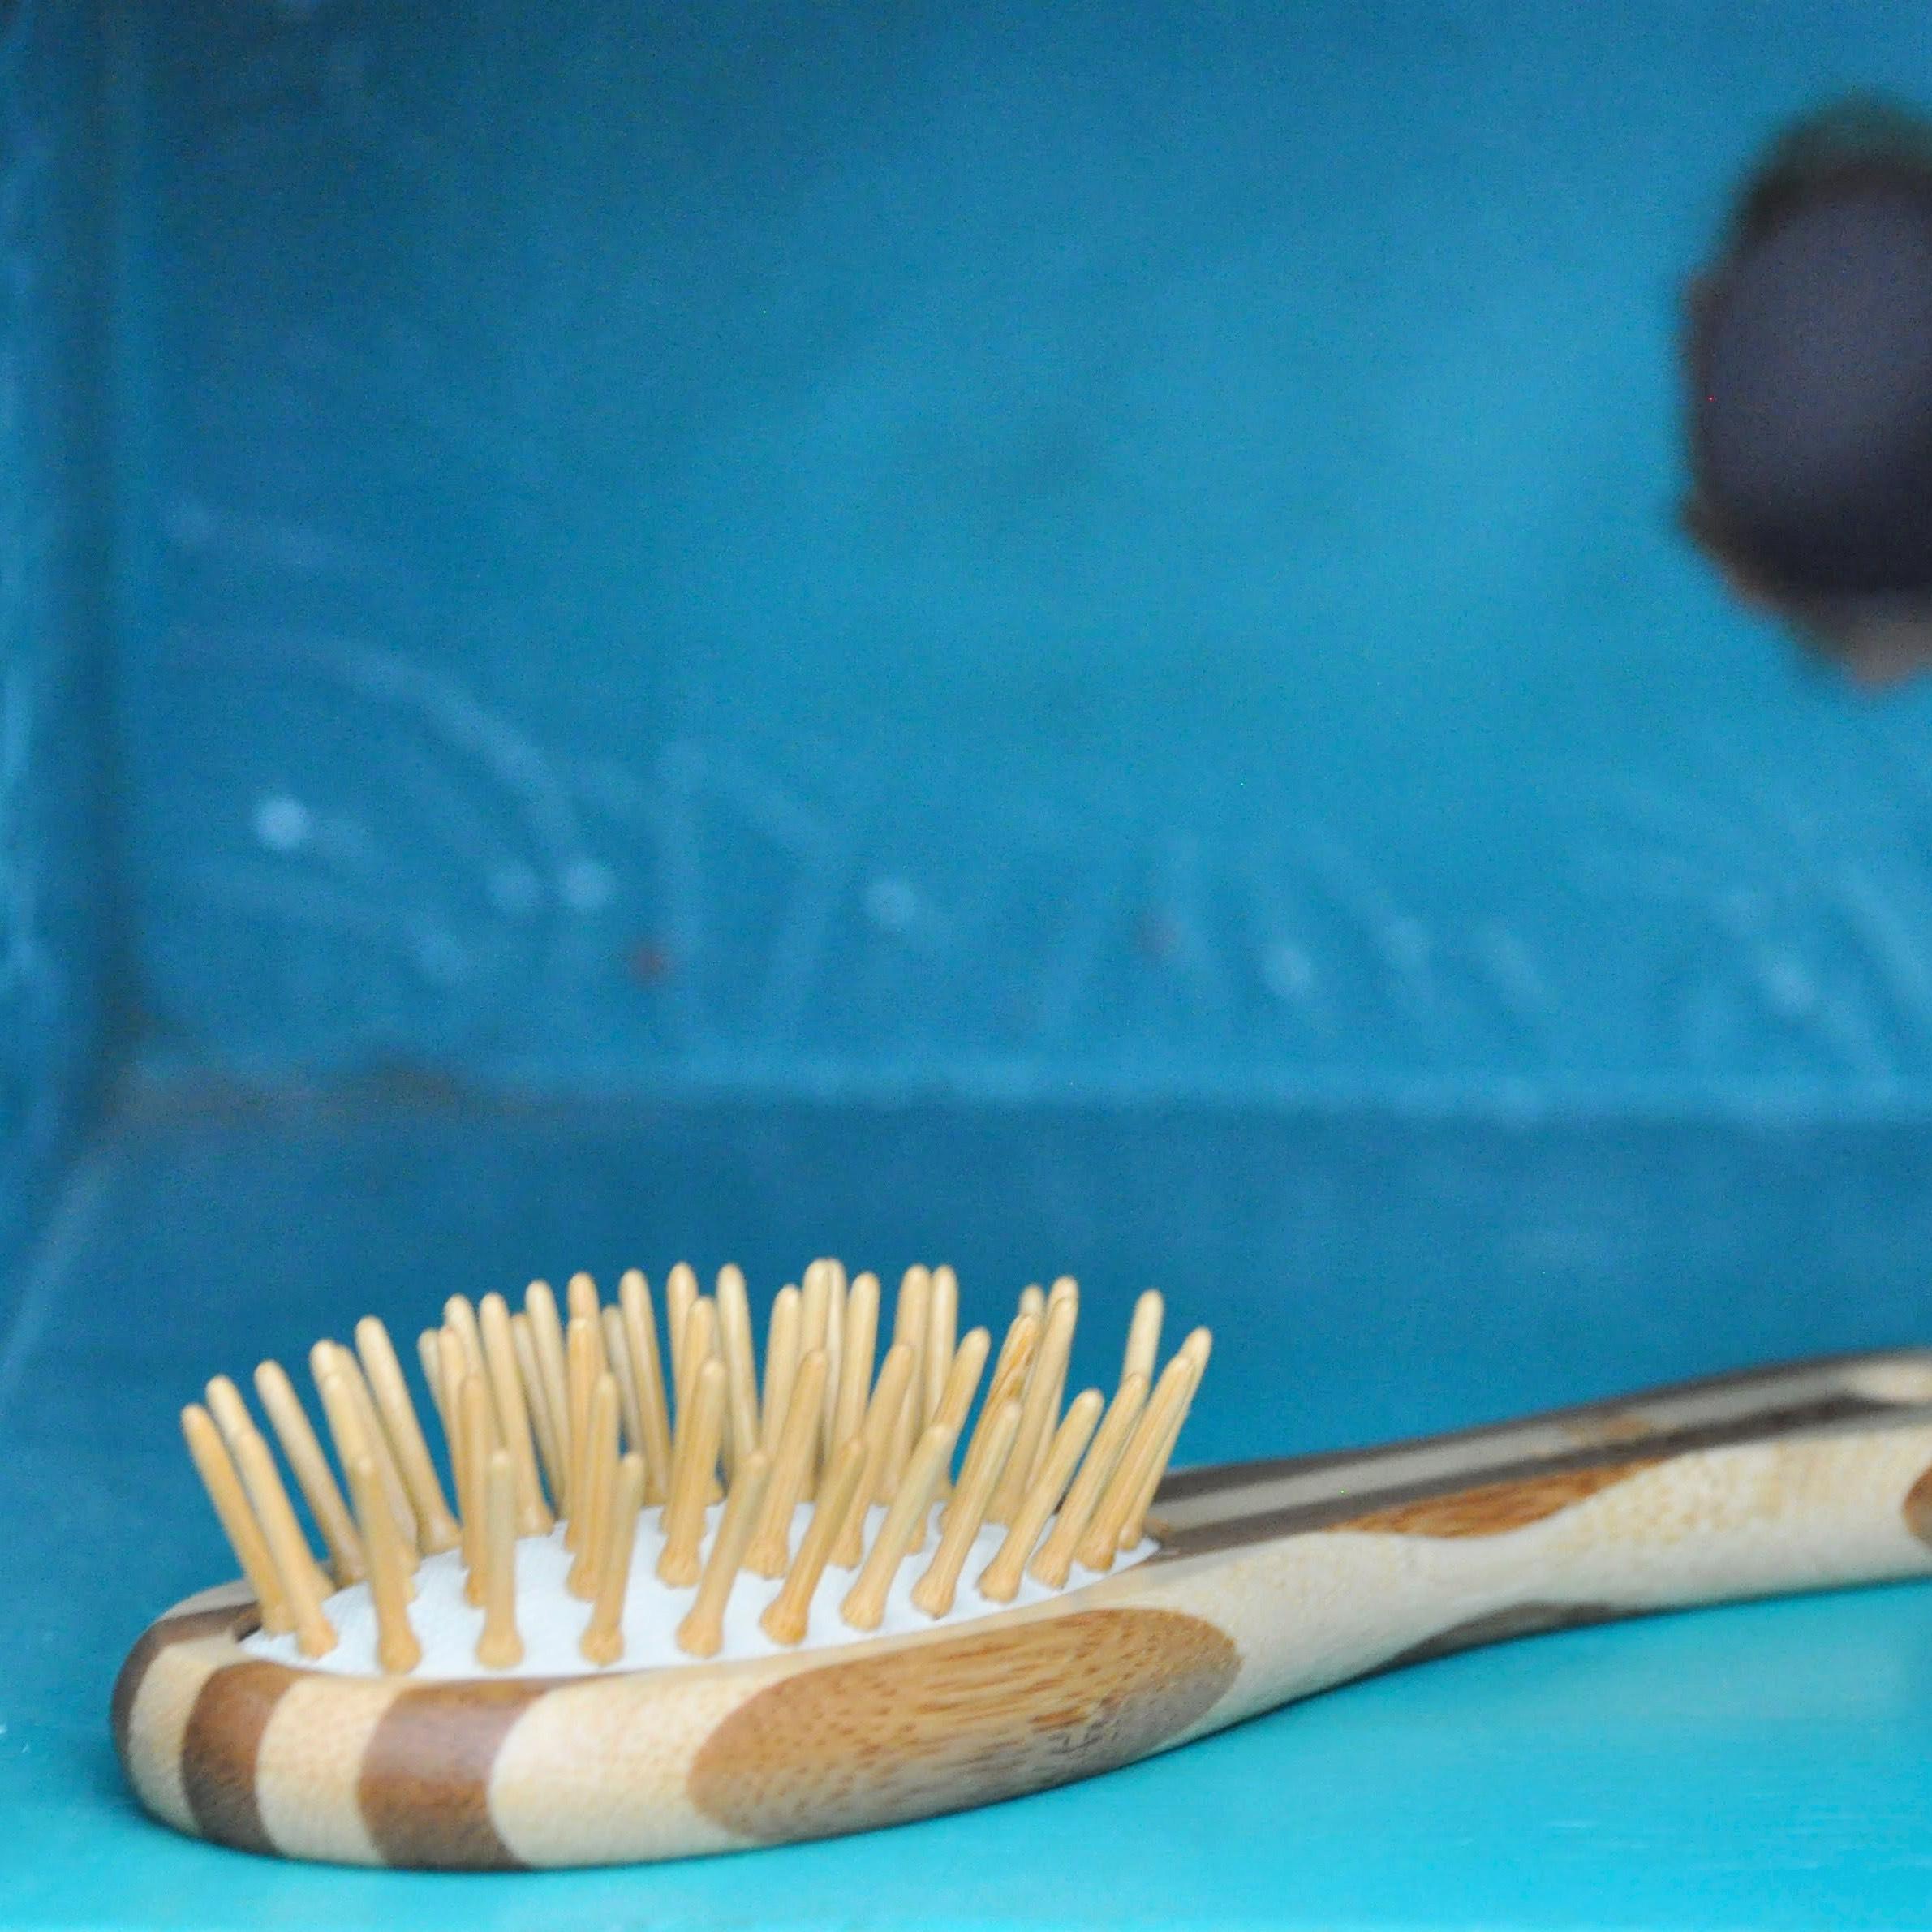 MiEco Bamboo Hairbrush